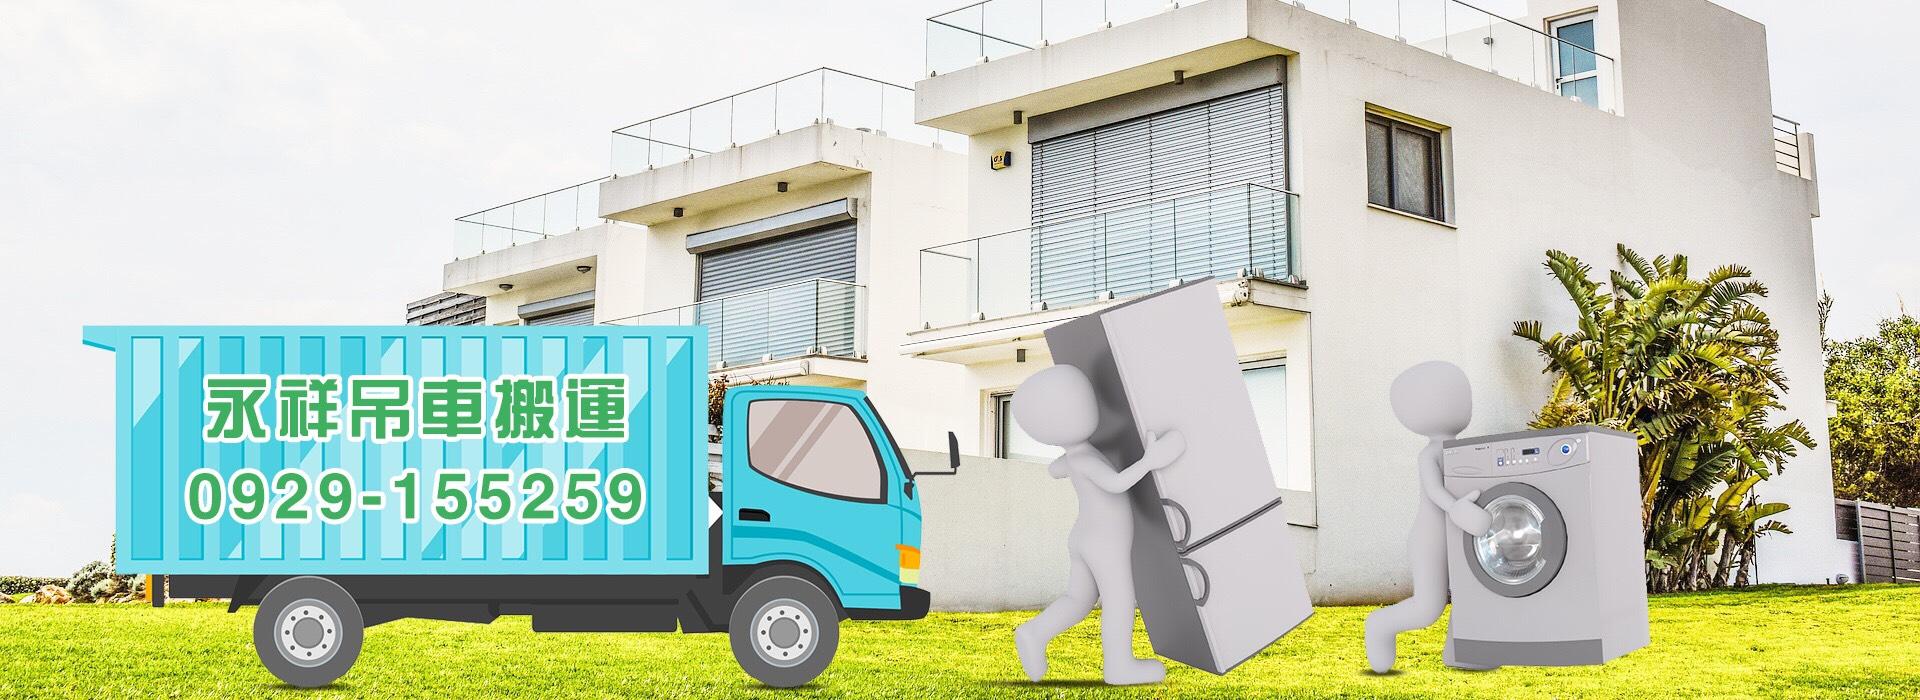 搬家公司 屏東搬家,屏東搬家公司-永祥搬家公司 處理效率高不亂加價